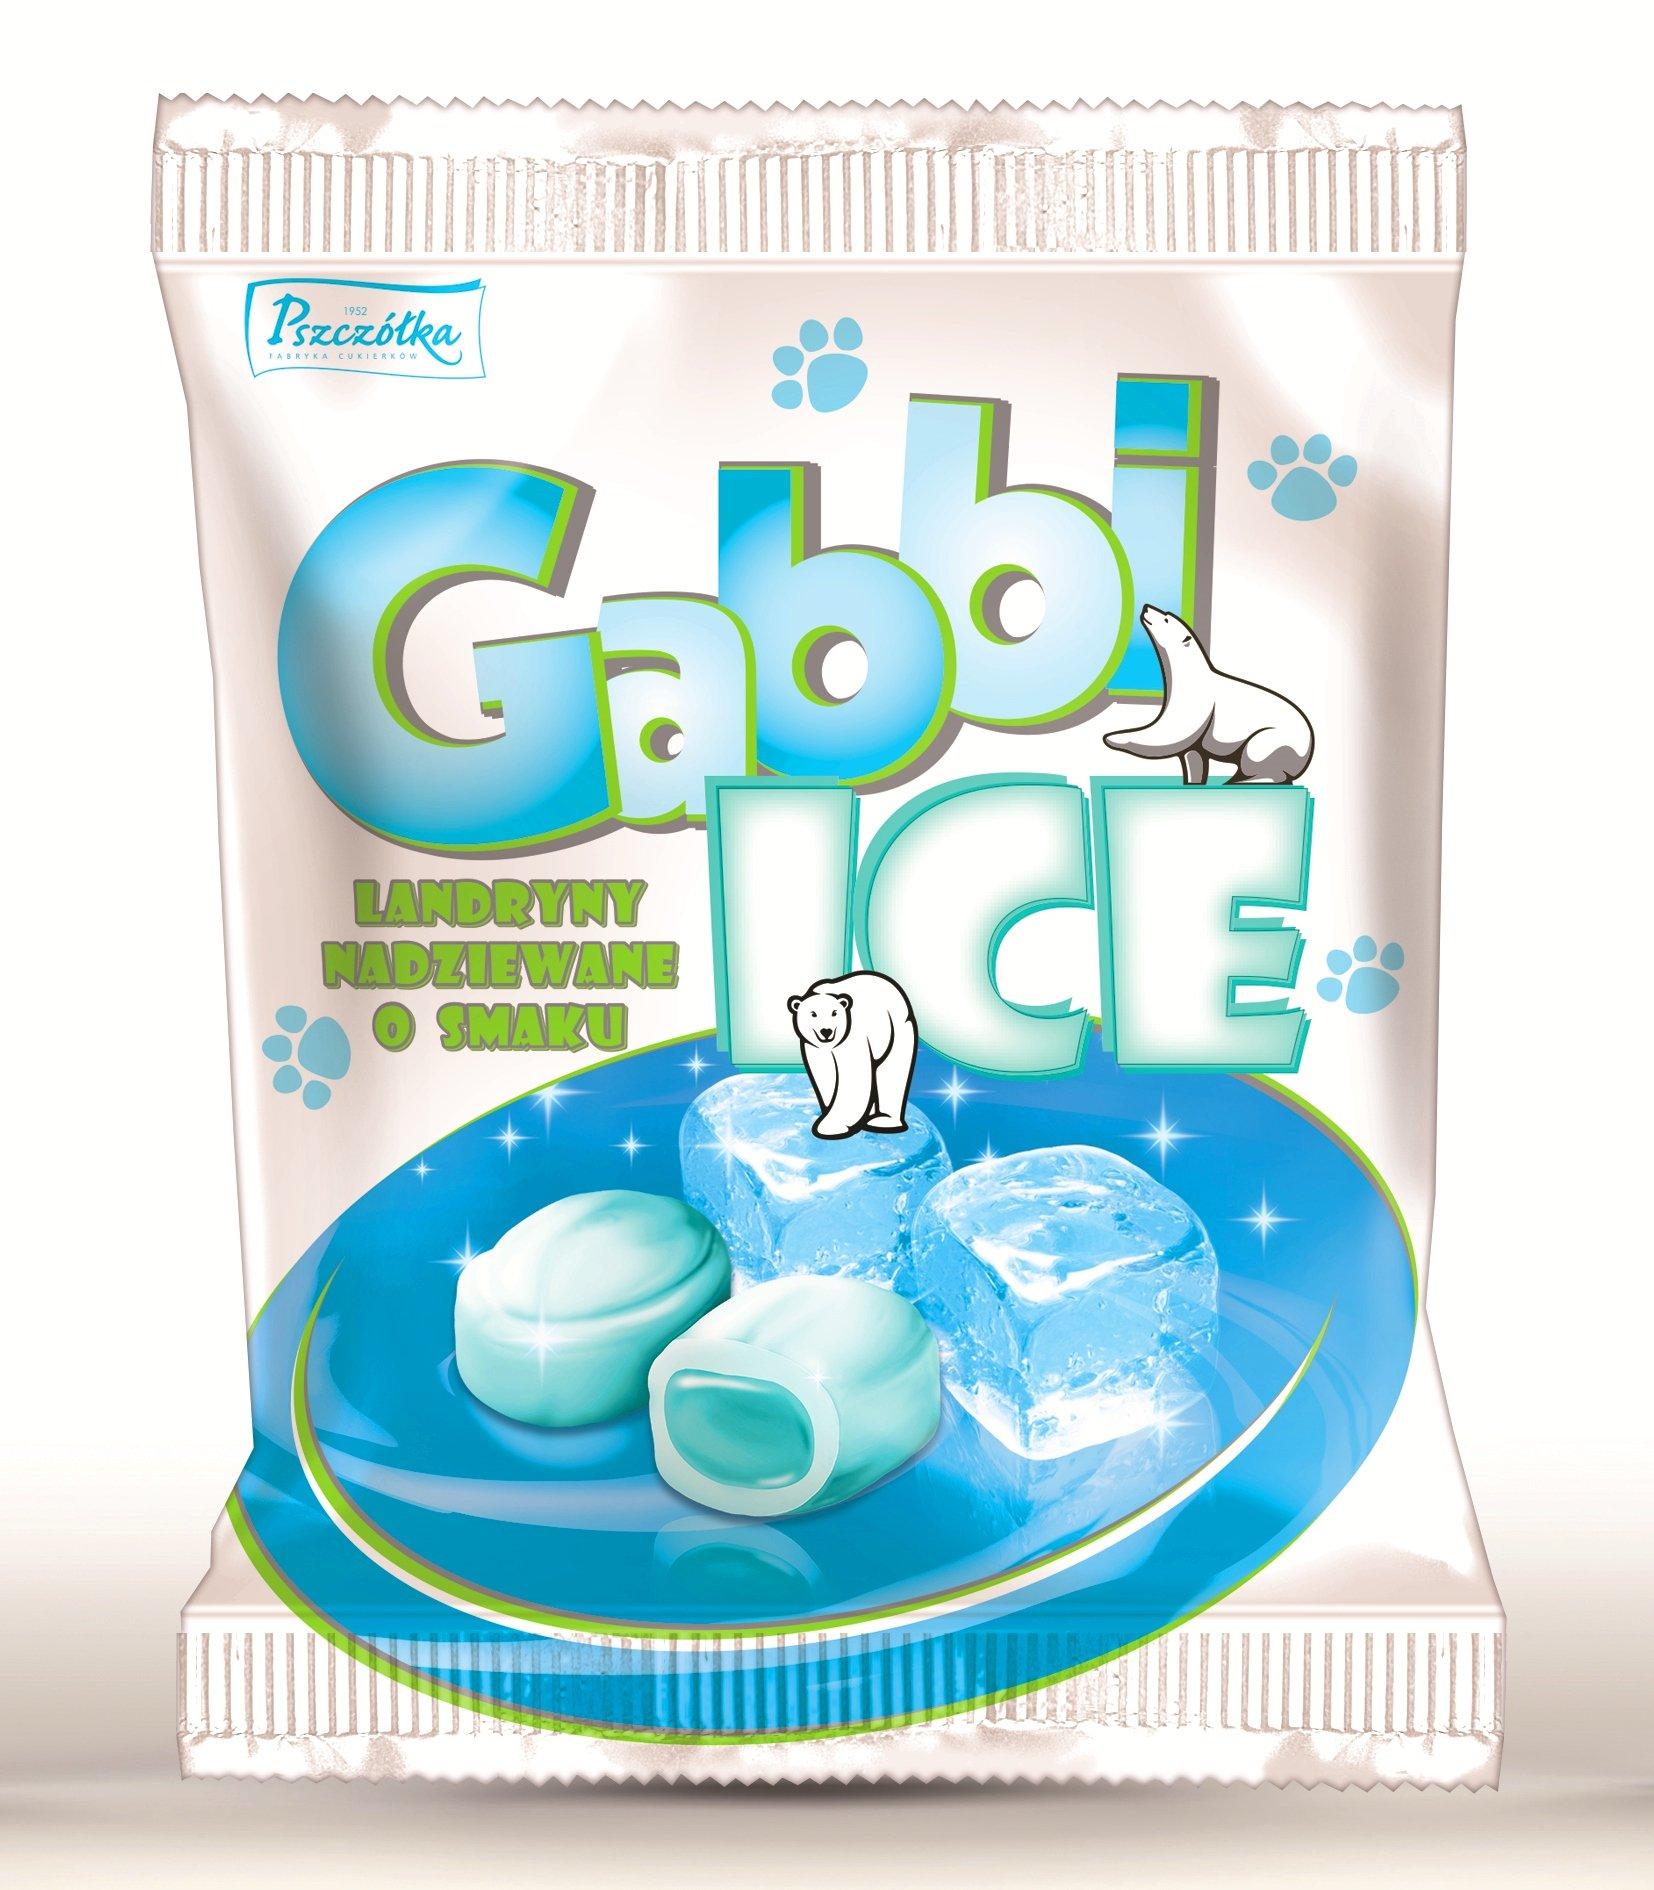 Cukierki Gabbi-ICE - Fabryka Cukierków Pszczółka